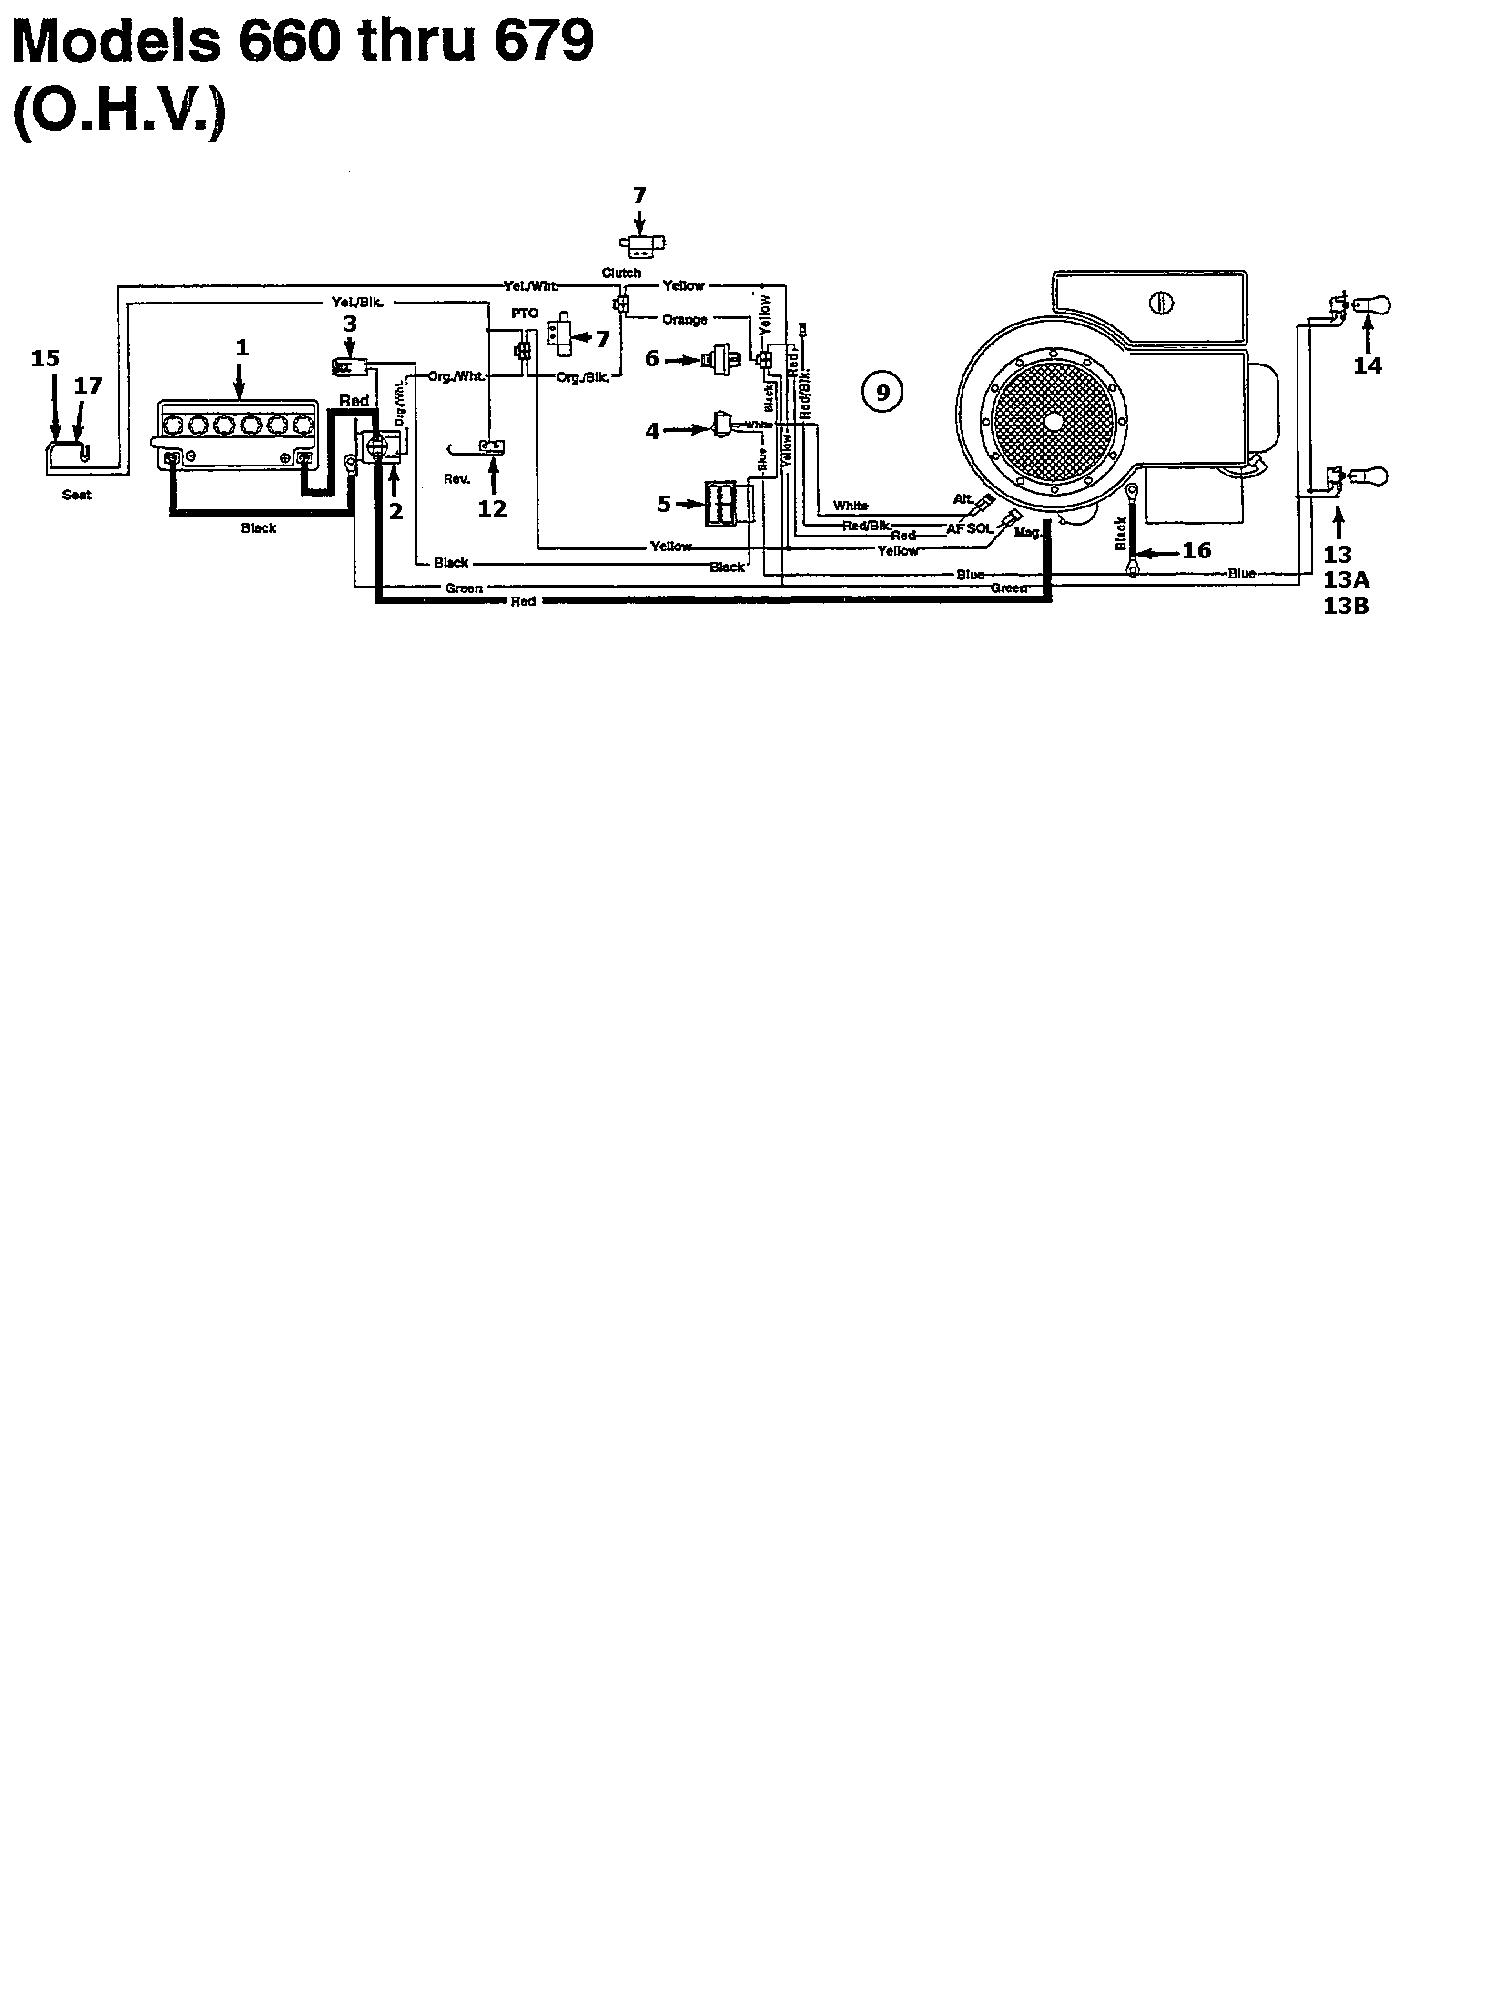 MTD 12.5/76 Schaltplan für O.H.V. 134K675C678 (1994)